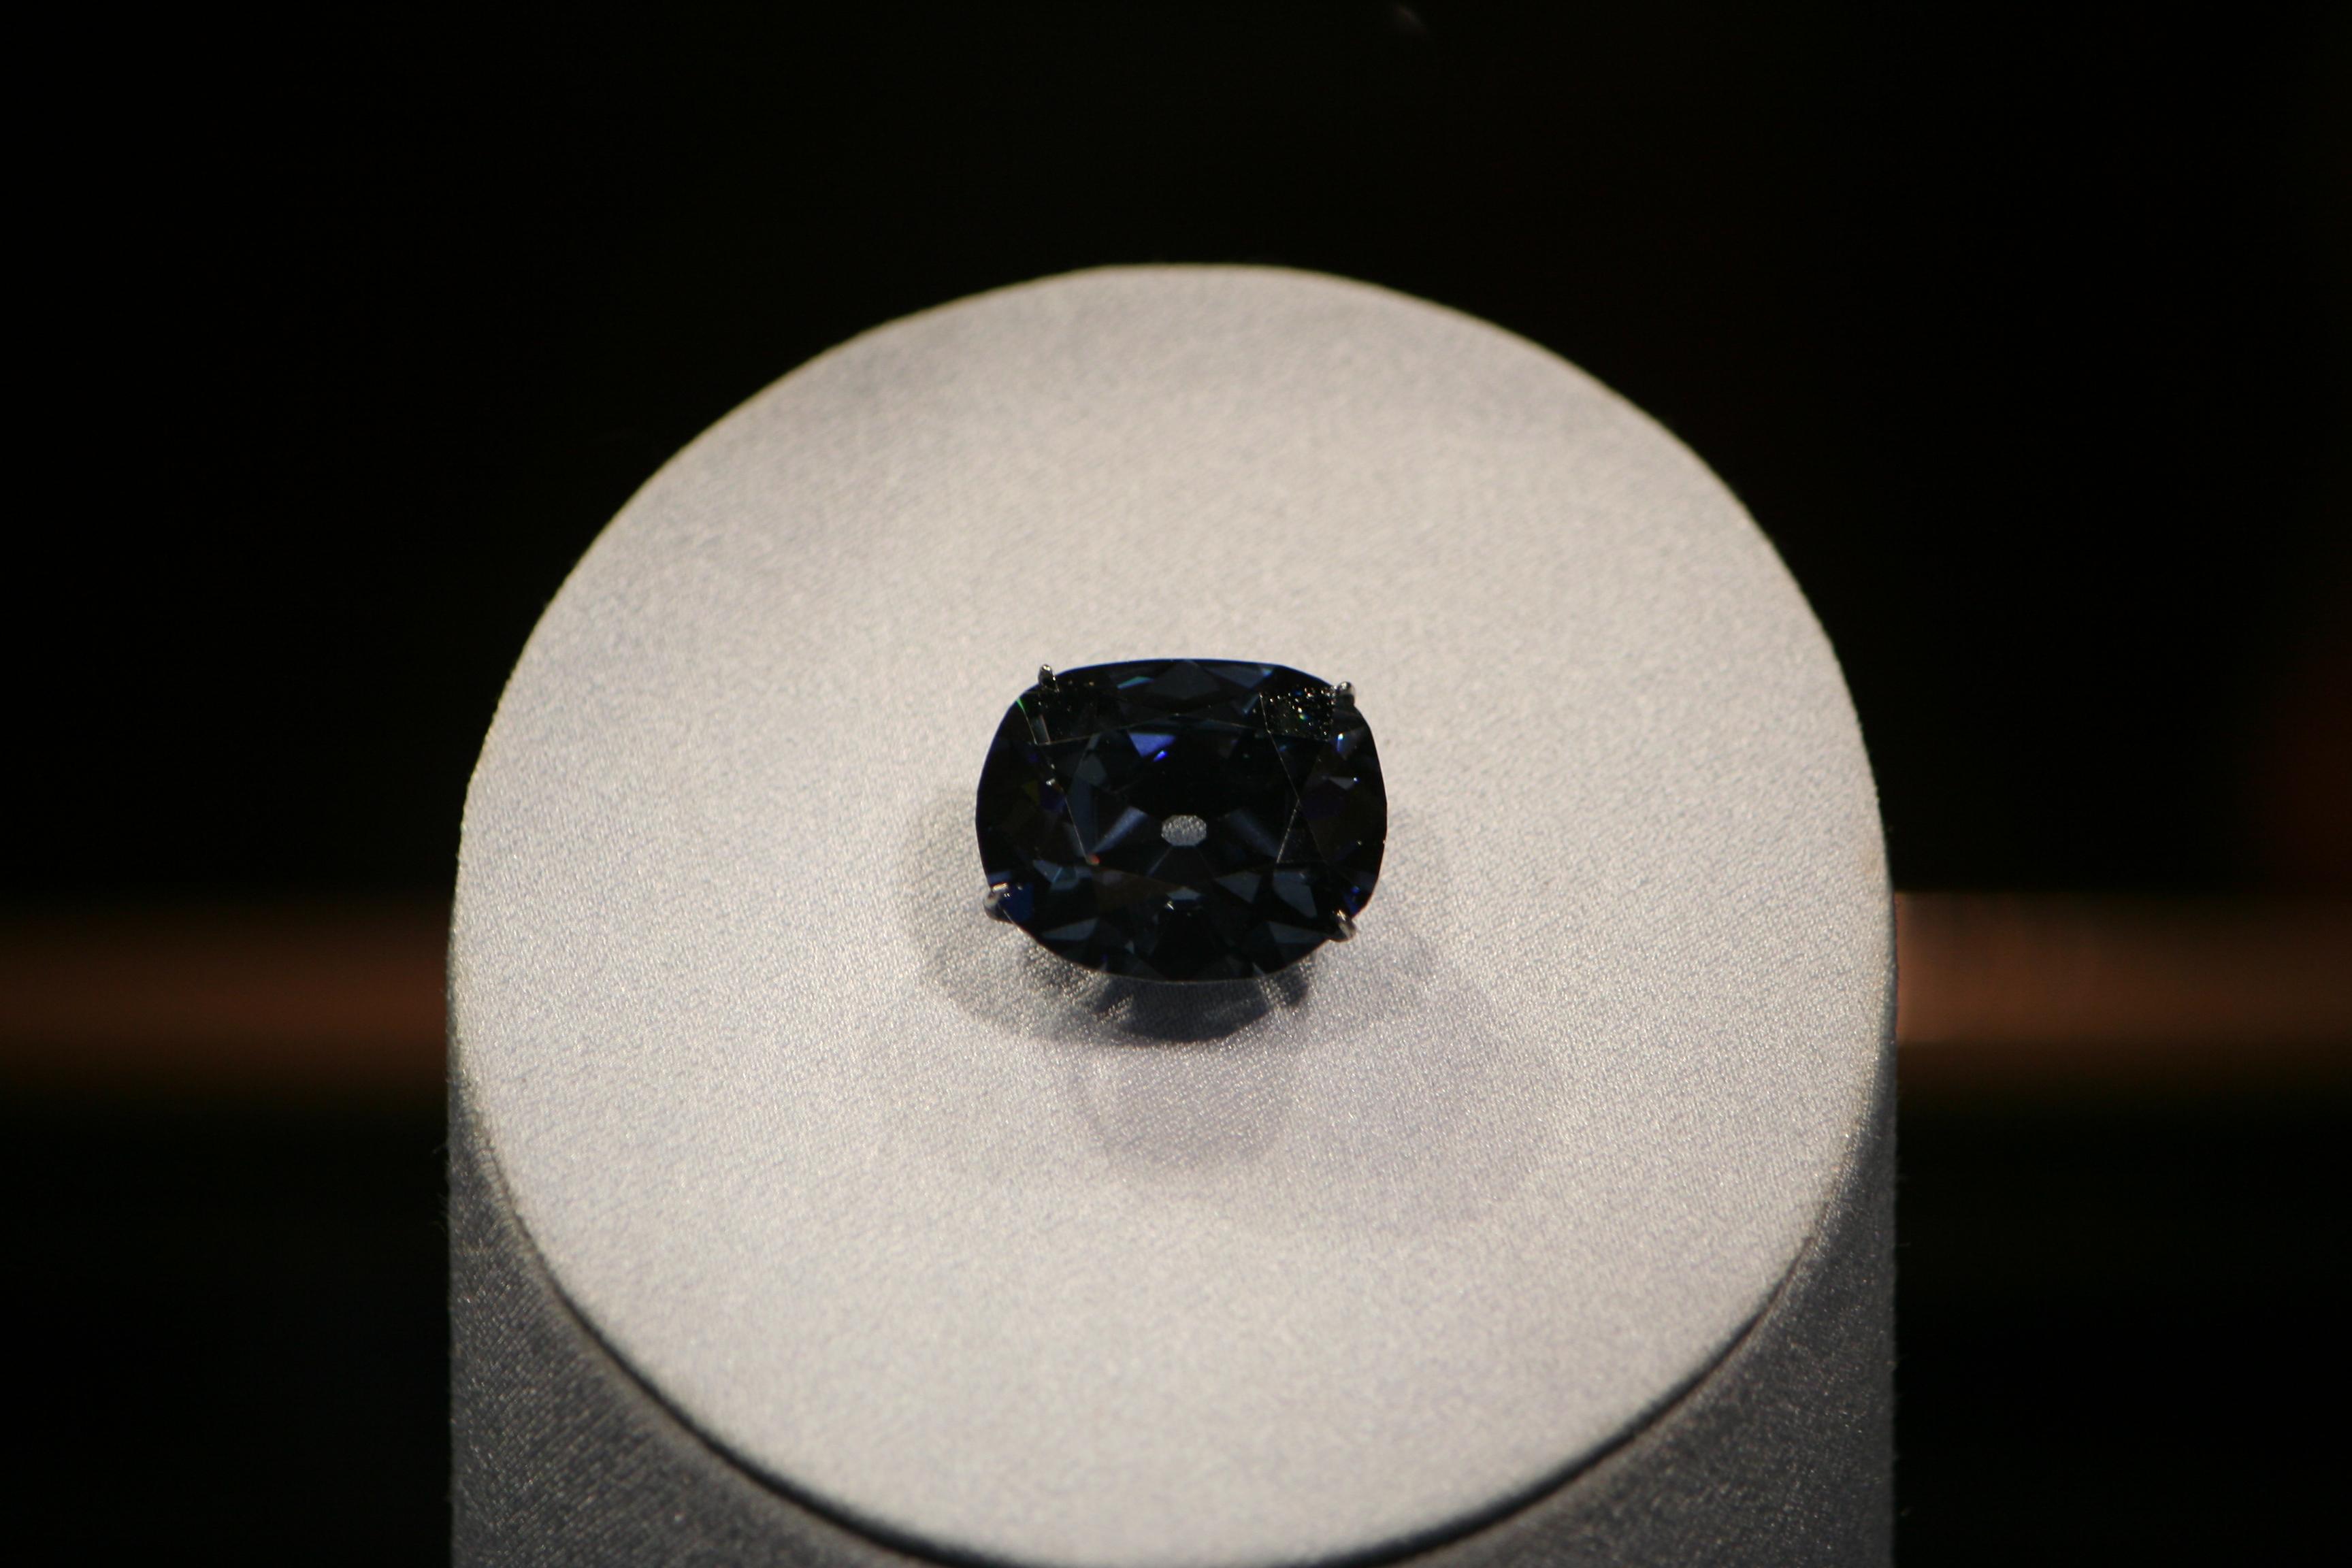 Buckminsterfullerene